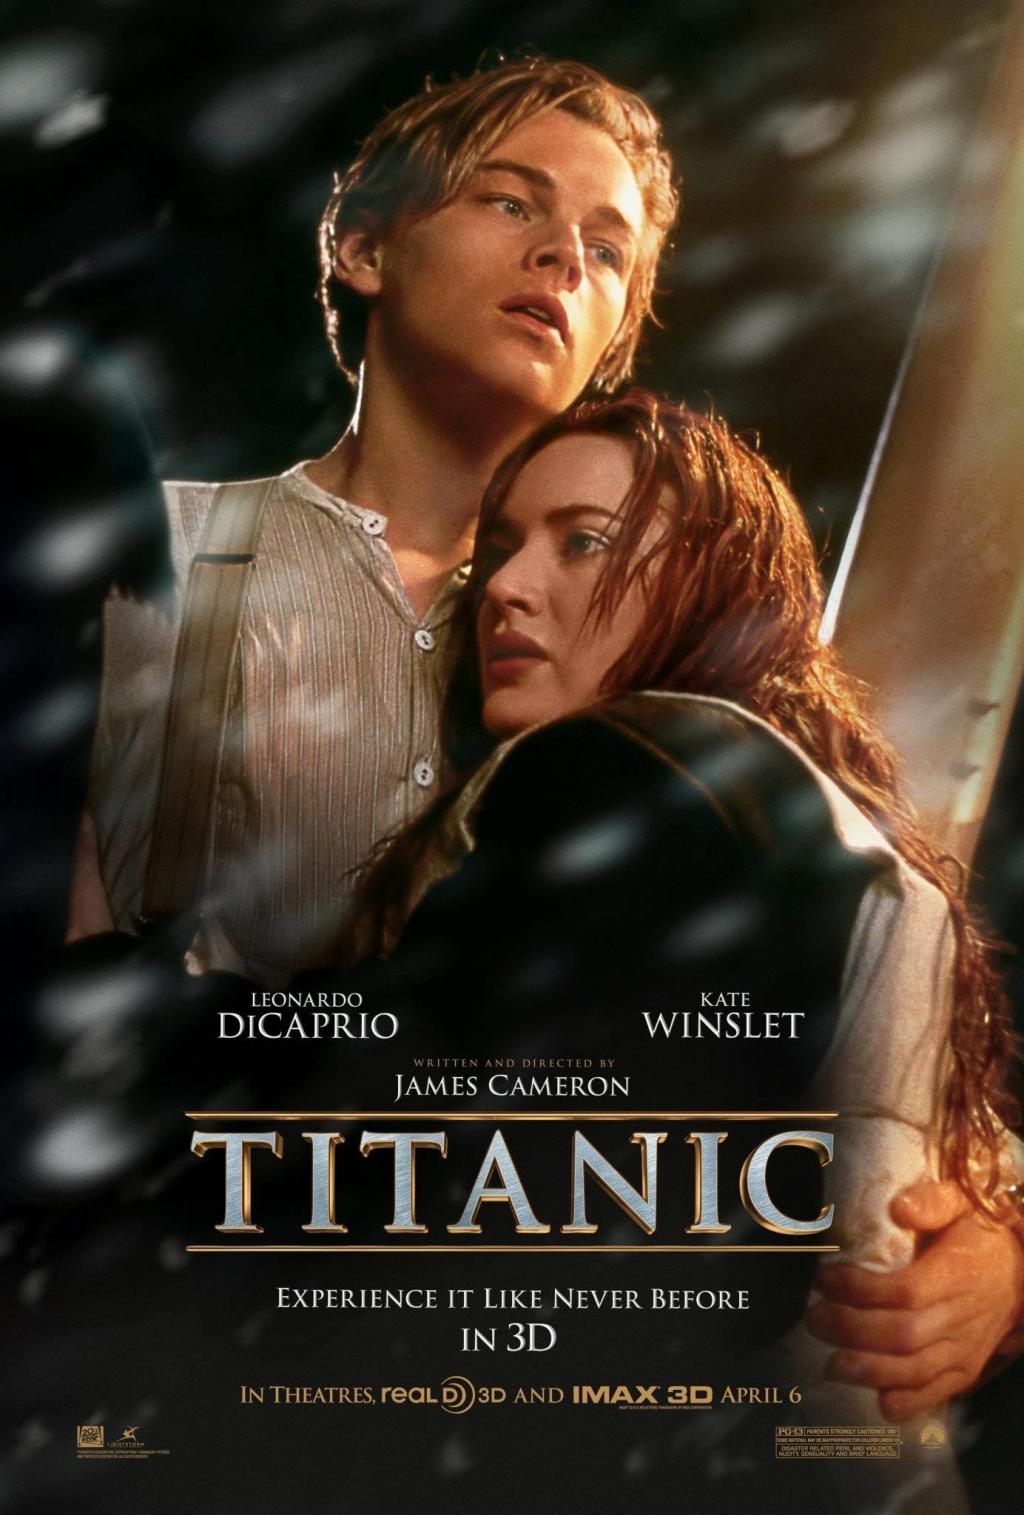 http://4.bp.blogspot.com/-kNN0PYGsieQ/T3S4hKIf0uI/AAAAAAAAC1Y/YcZ24pm4VW0/s1600/Titanic+3D+2012+film+movie+poster.jpg